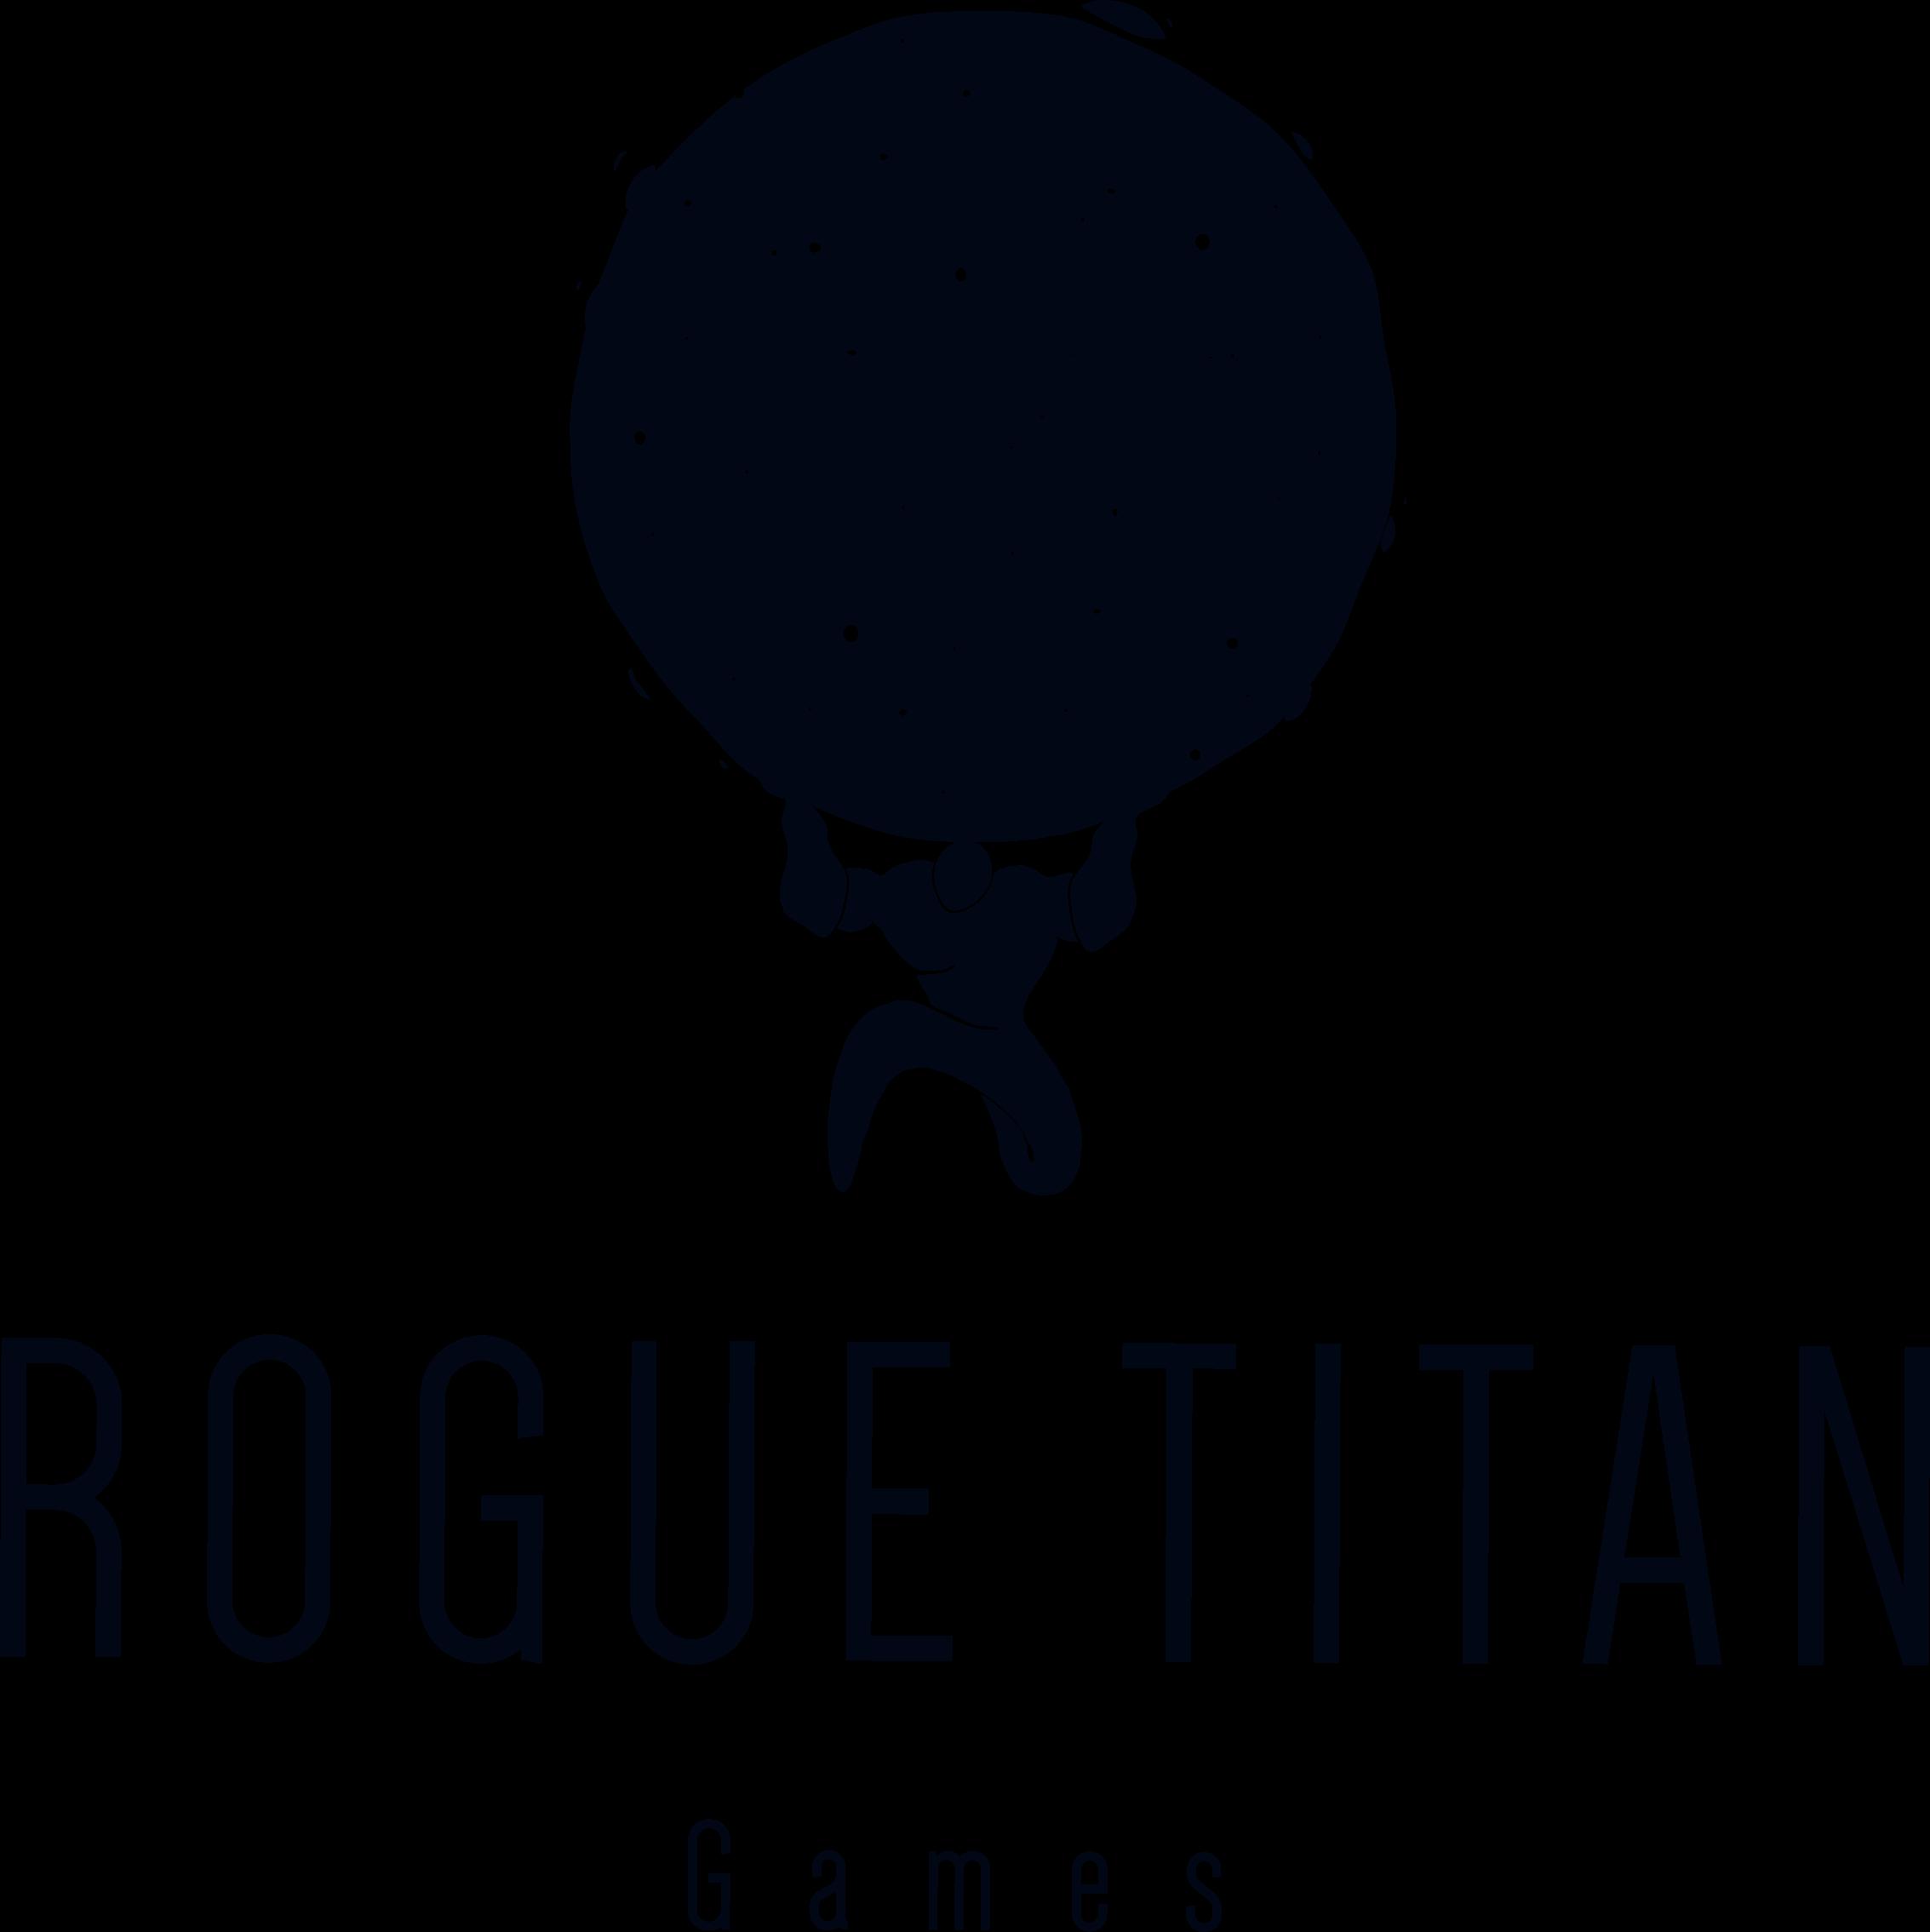 roguetitangames_logo_oscuro